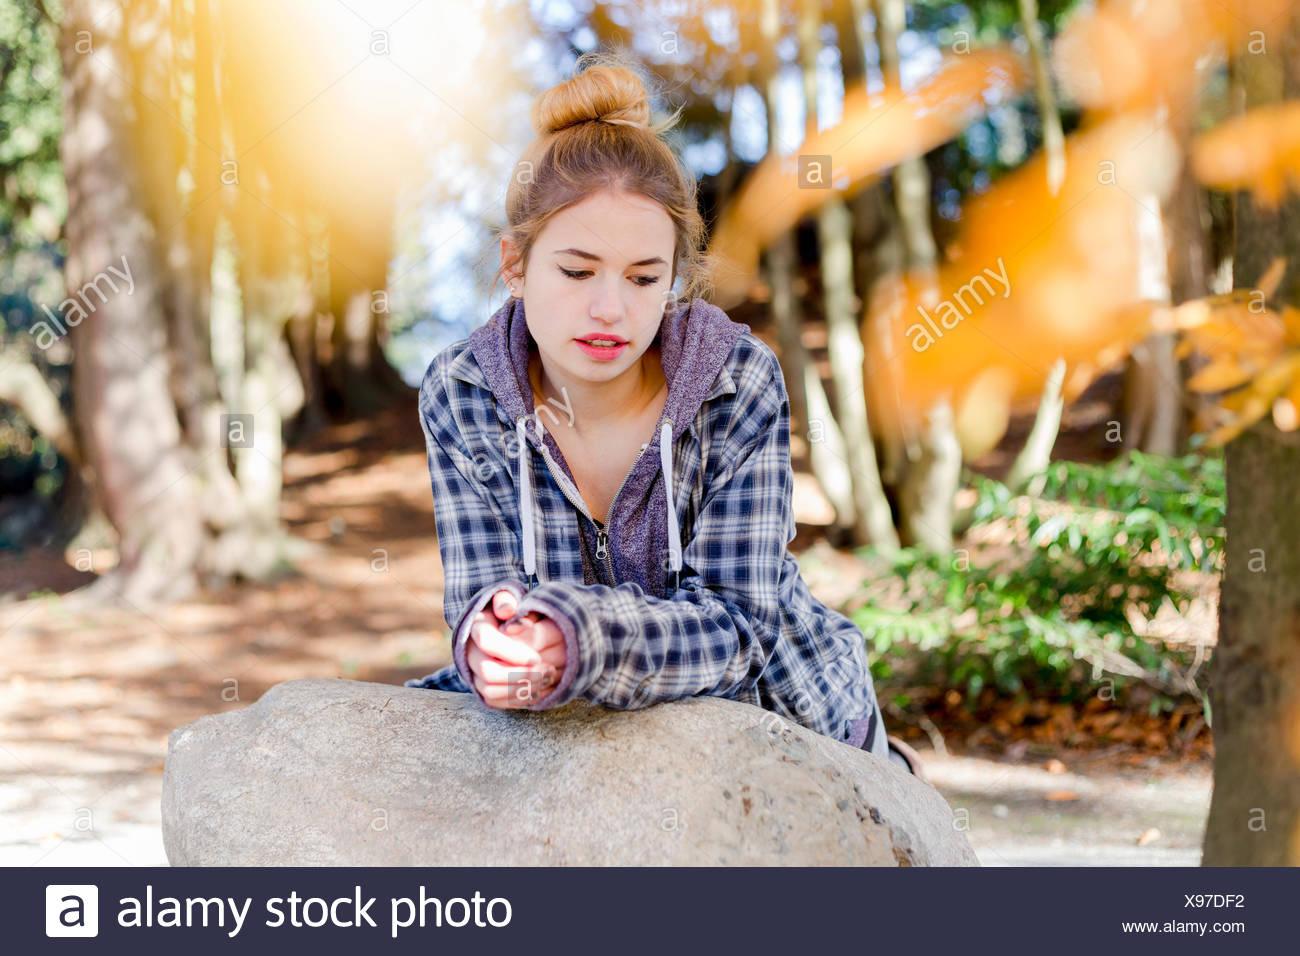 Dieser junge teenage-Mädchen hängt allein in einem Park, sitzt auf einem Felsen in einem nachdenklichen Entkupplungsstellung denken zu sich selbst Stockbild